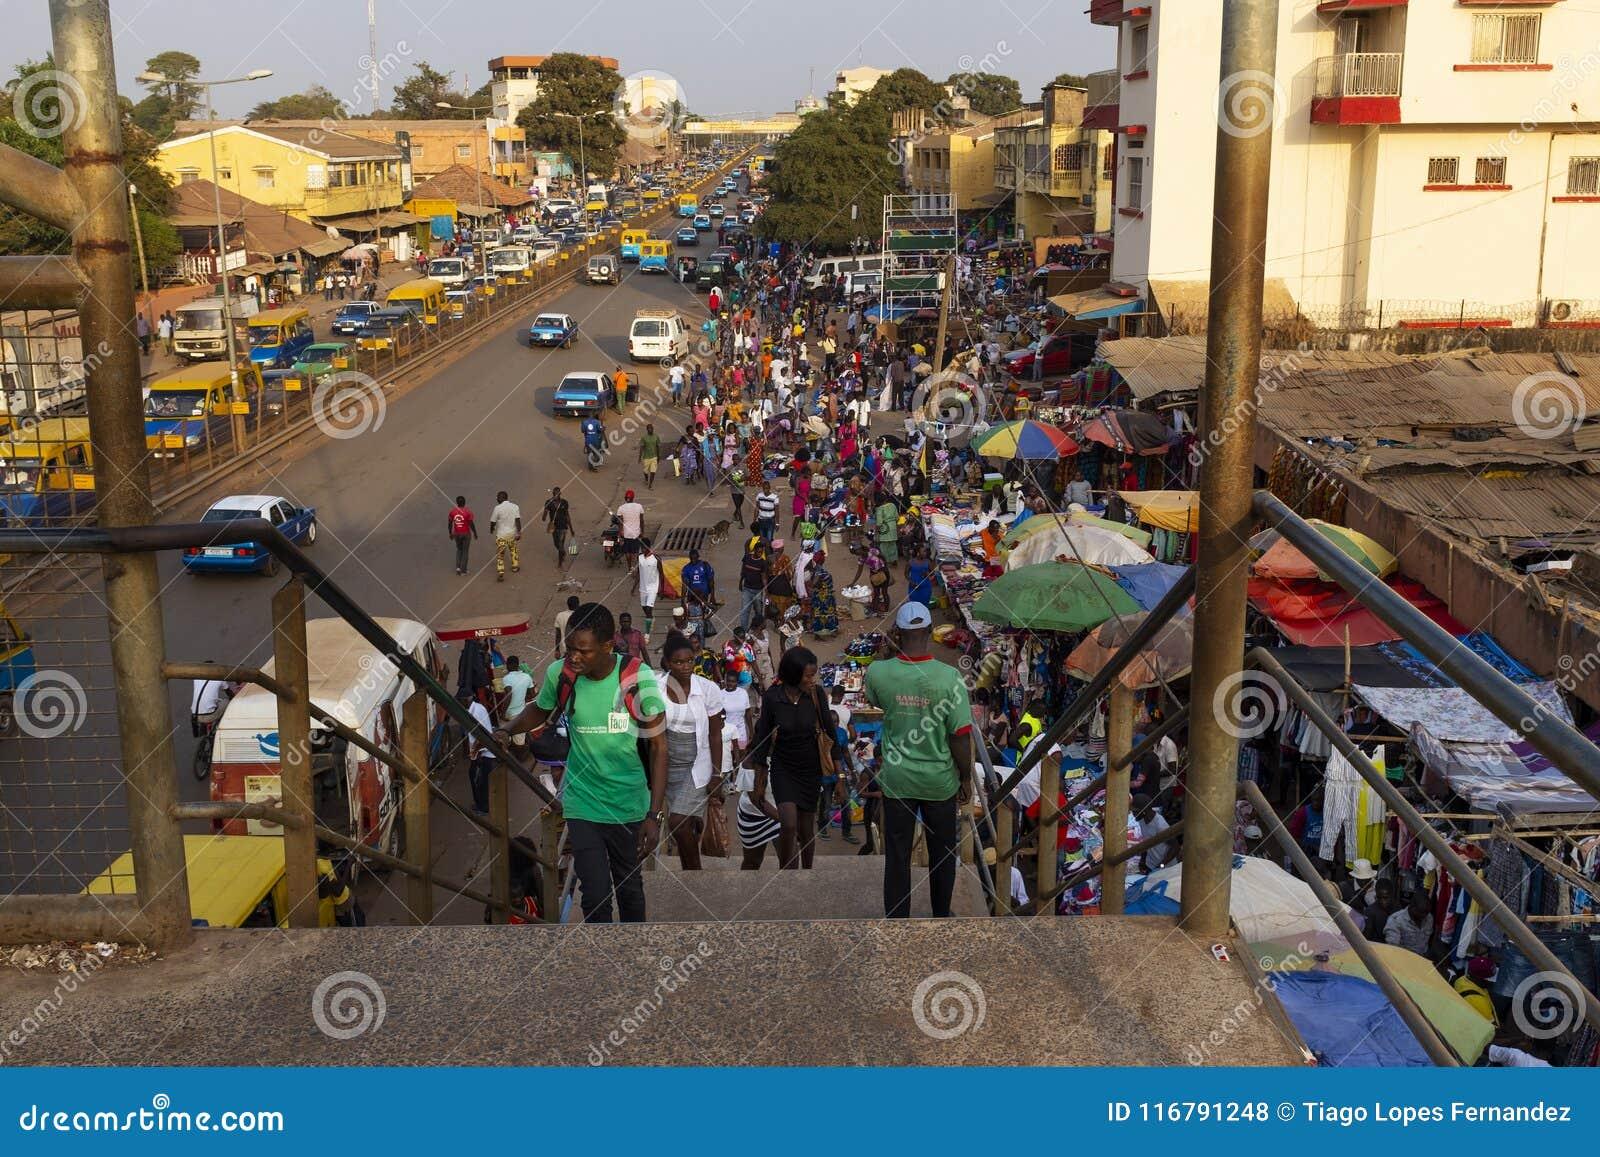 Straatscène in de stad van Bissau met mensen bij de Bandim-Markt, in Guinea-Bissau, West-Afrika